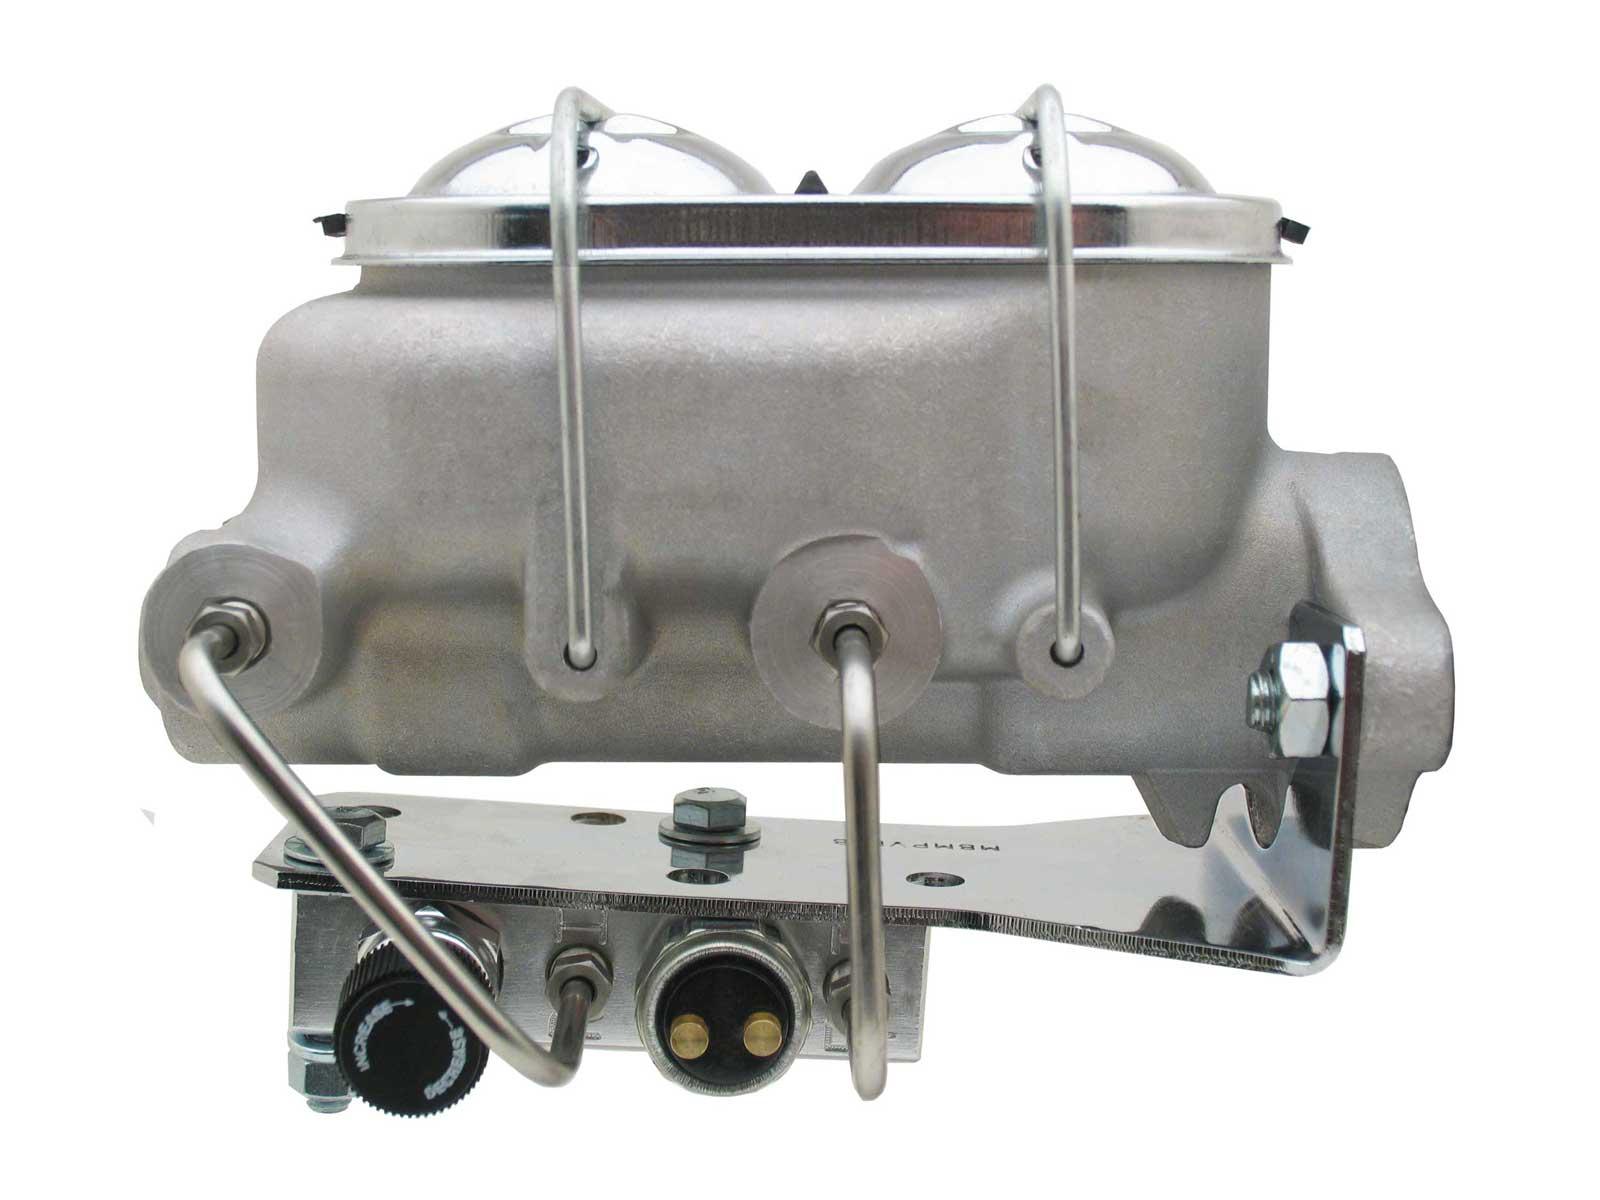 Universal Aluminum Proline Master Cylinder W/ Bottom Mount Adjustable Proportioning Valve